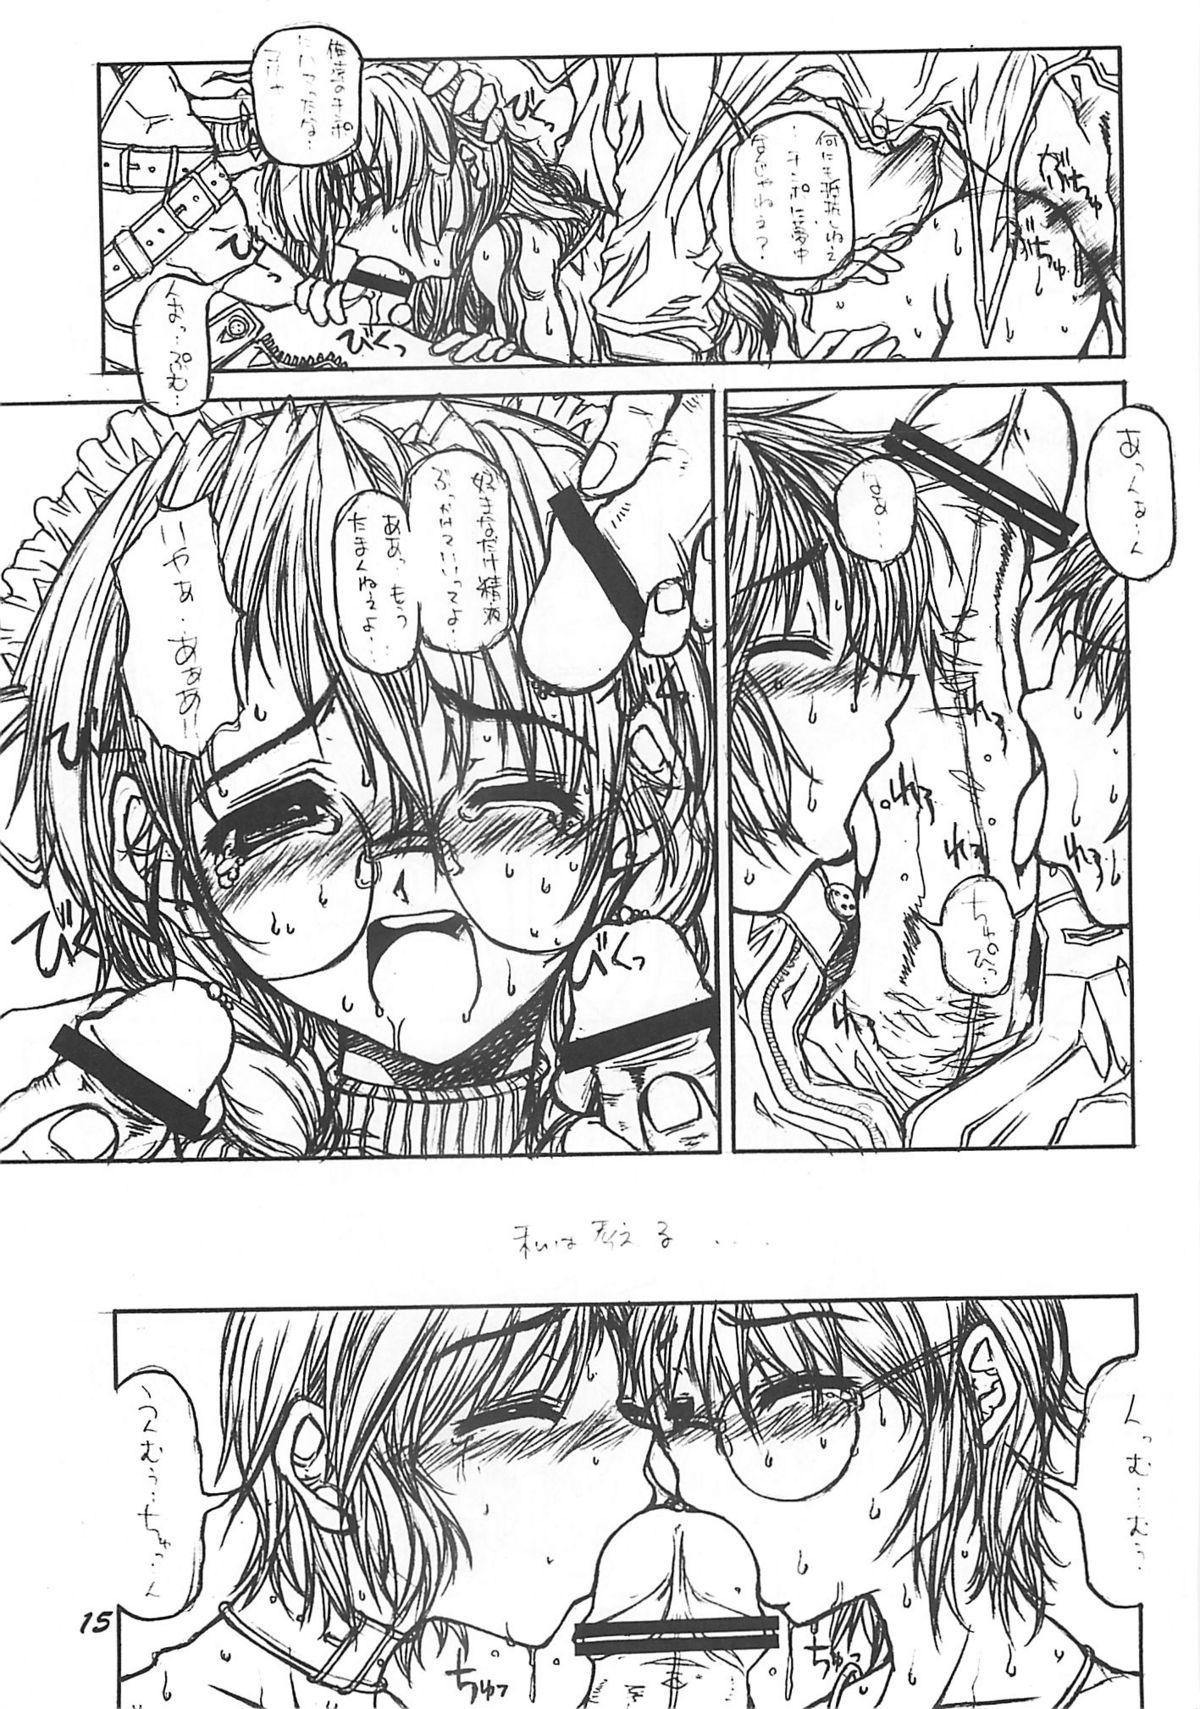 [Virgin Virus (Matsumi Jun)] Fukakutei Youso to Jinrui Kyuushi gaku no Mechanism ni kansuru Suitei Ronri (Kari) EPISODE MARY [5th Edition] 13